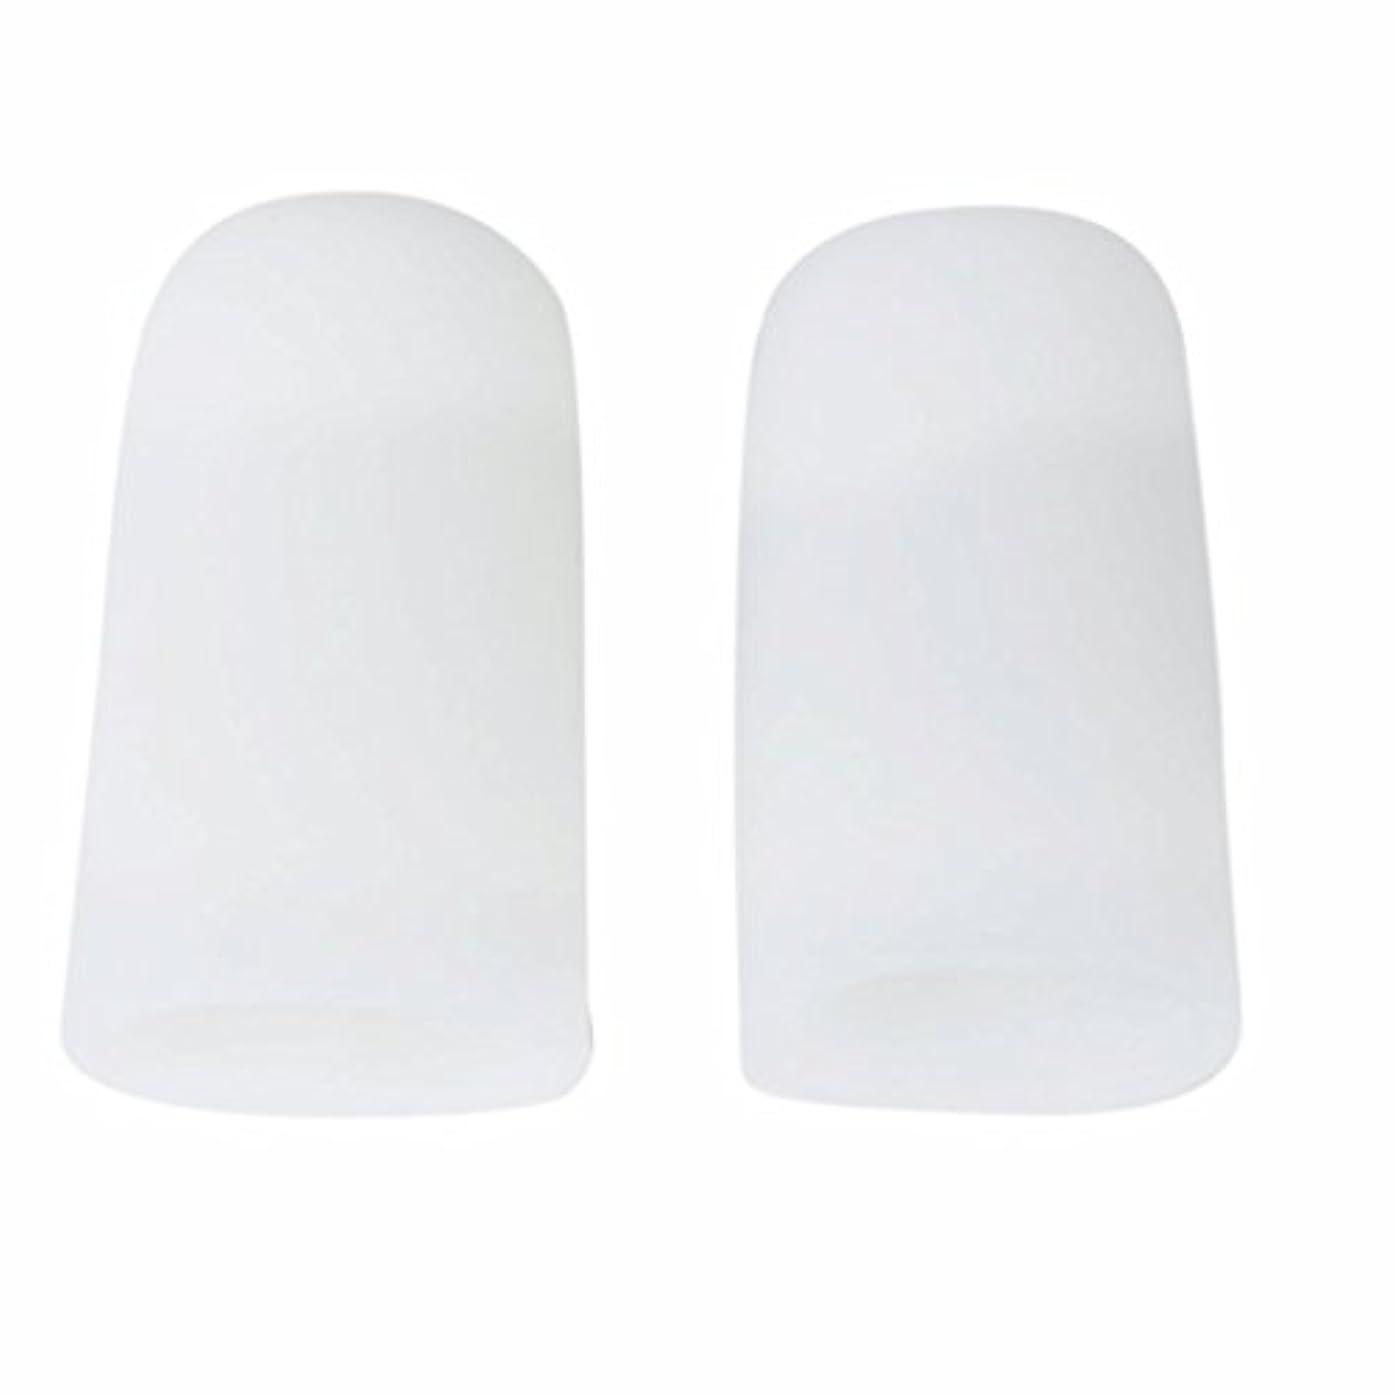 黒くするサンダルトークAMAA 足指 保護キャップ つま先 プロテクター 足先のつめ 保護キャップ シリコン S M Lサイズ 1ペア (M)